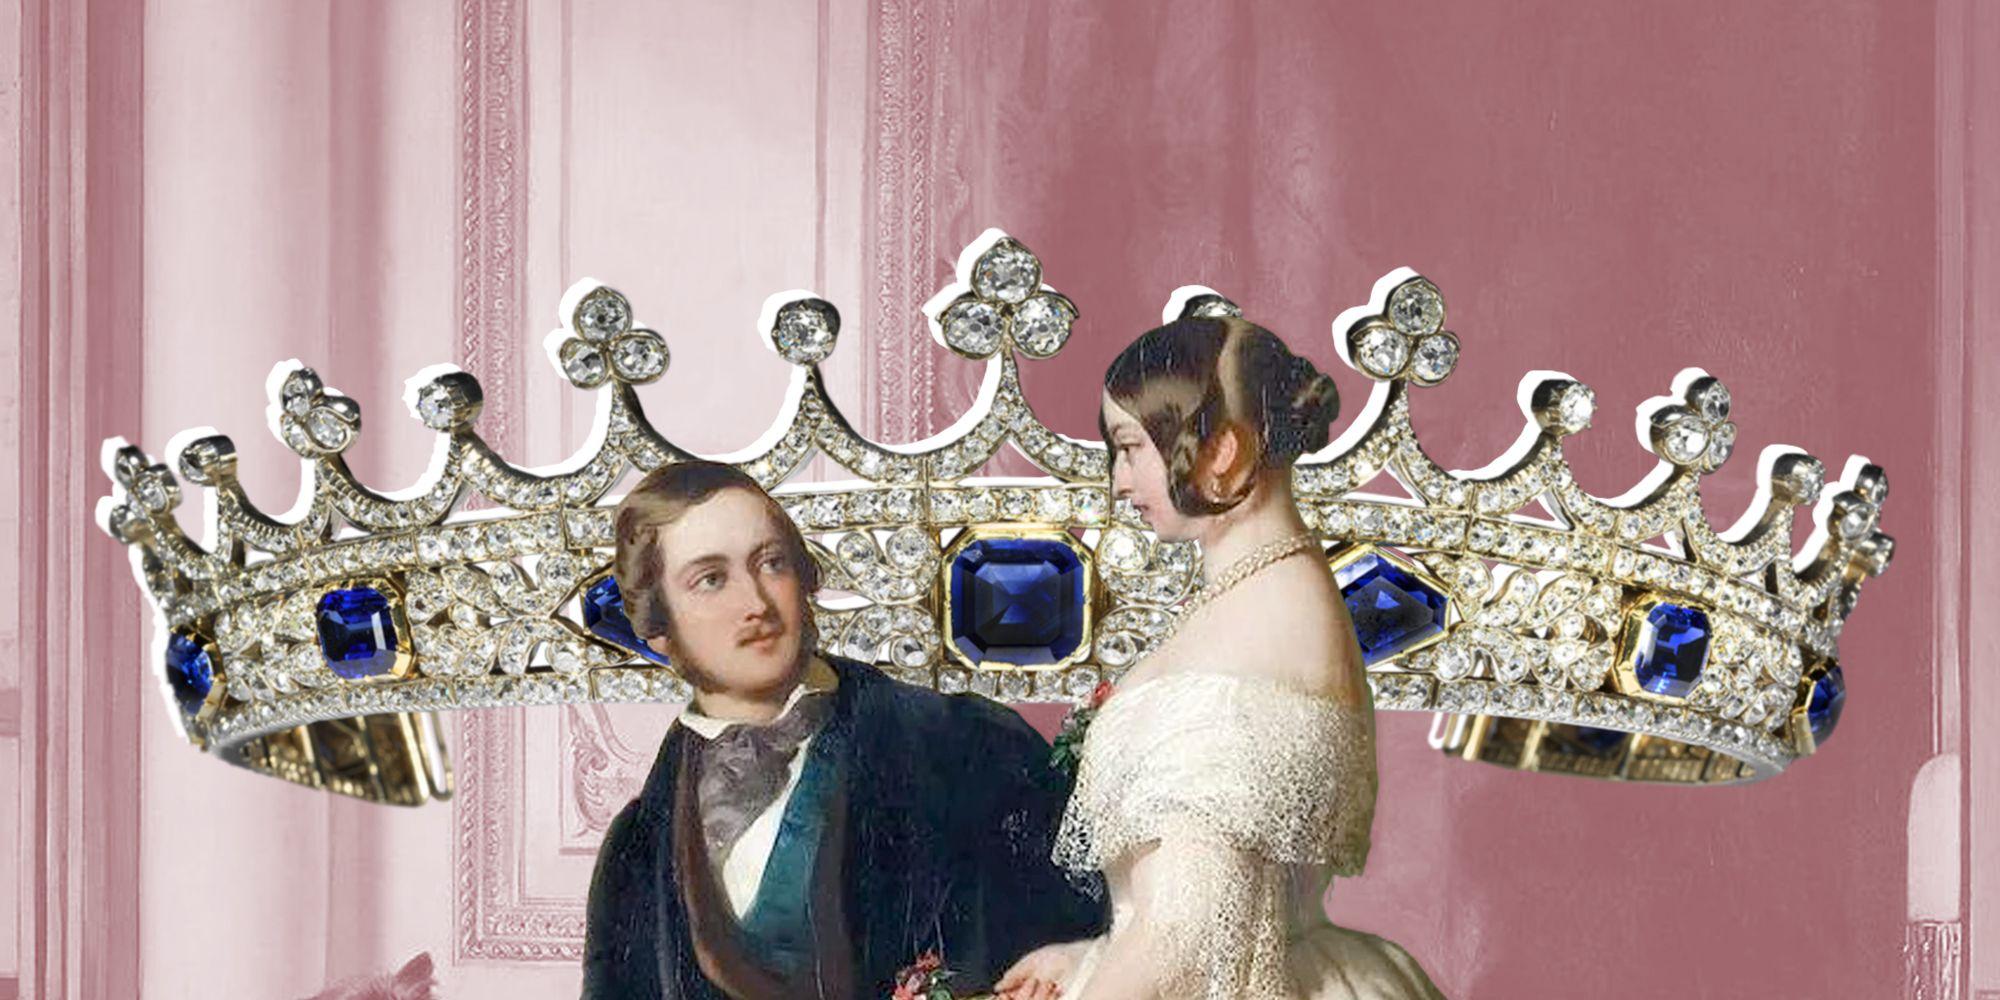 Queen Victoria Favorite Crown